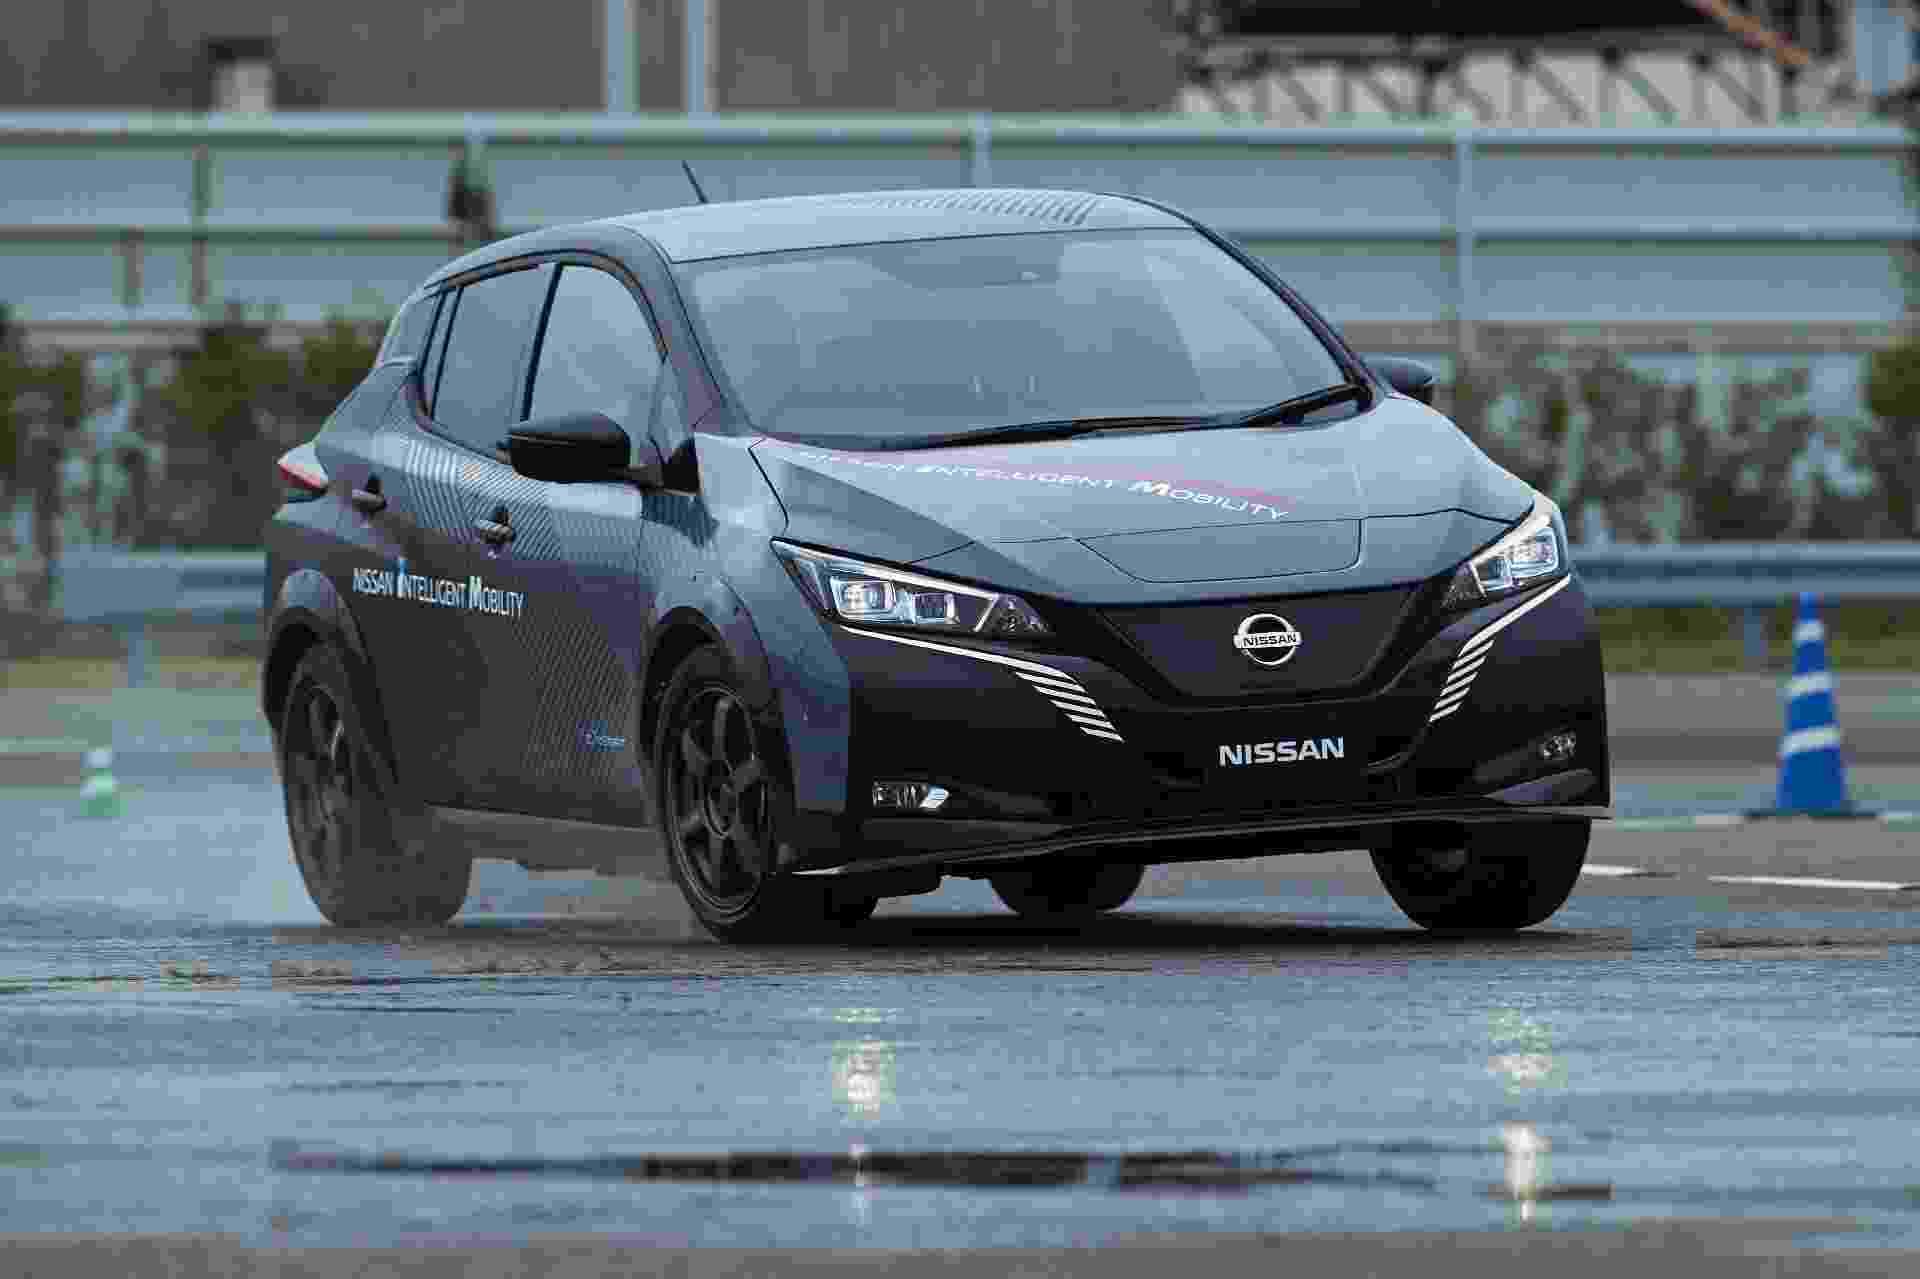 Protótipo de novo carro elétrico foi apresentado pela Nissan durante visita às instalações da montadora em Oppama, nos arredores de Tóquio - Divulgação